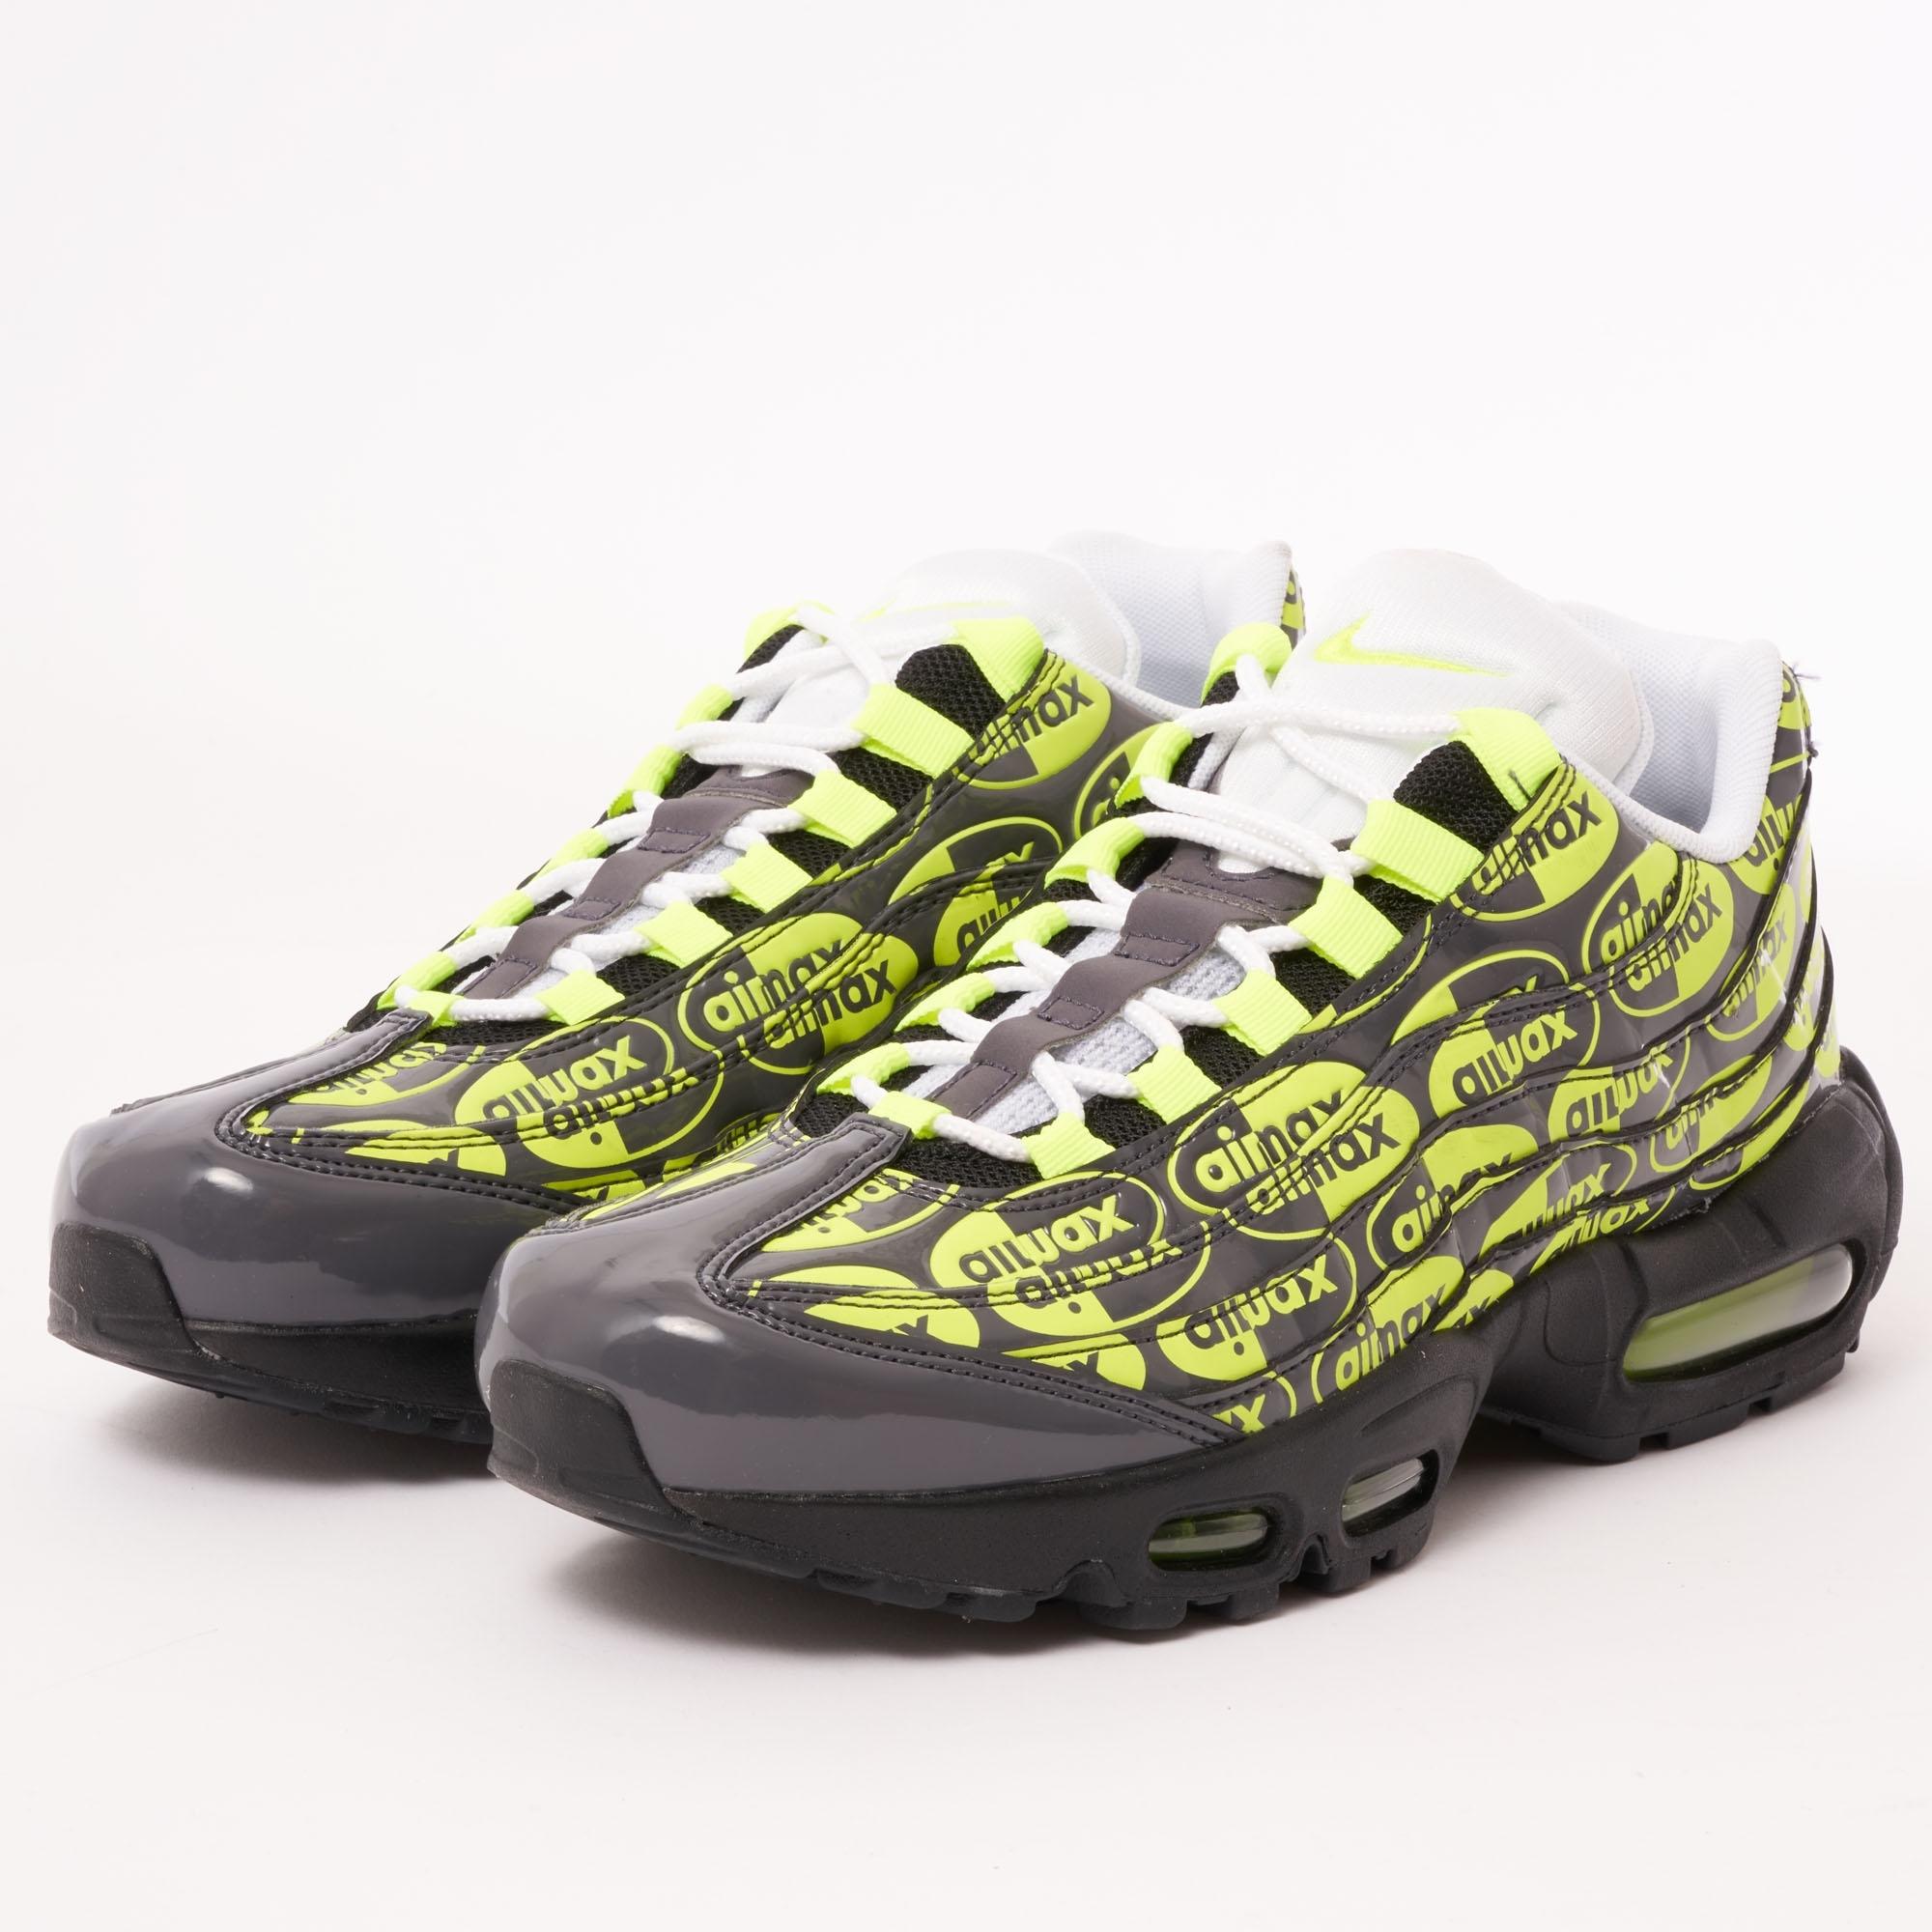 best sneakers 5c829 d0be3 Air Max 95 PRM - Black, Volt, Ash & White